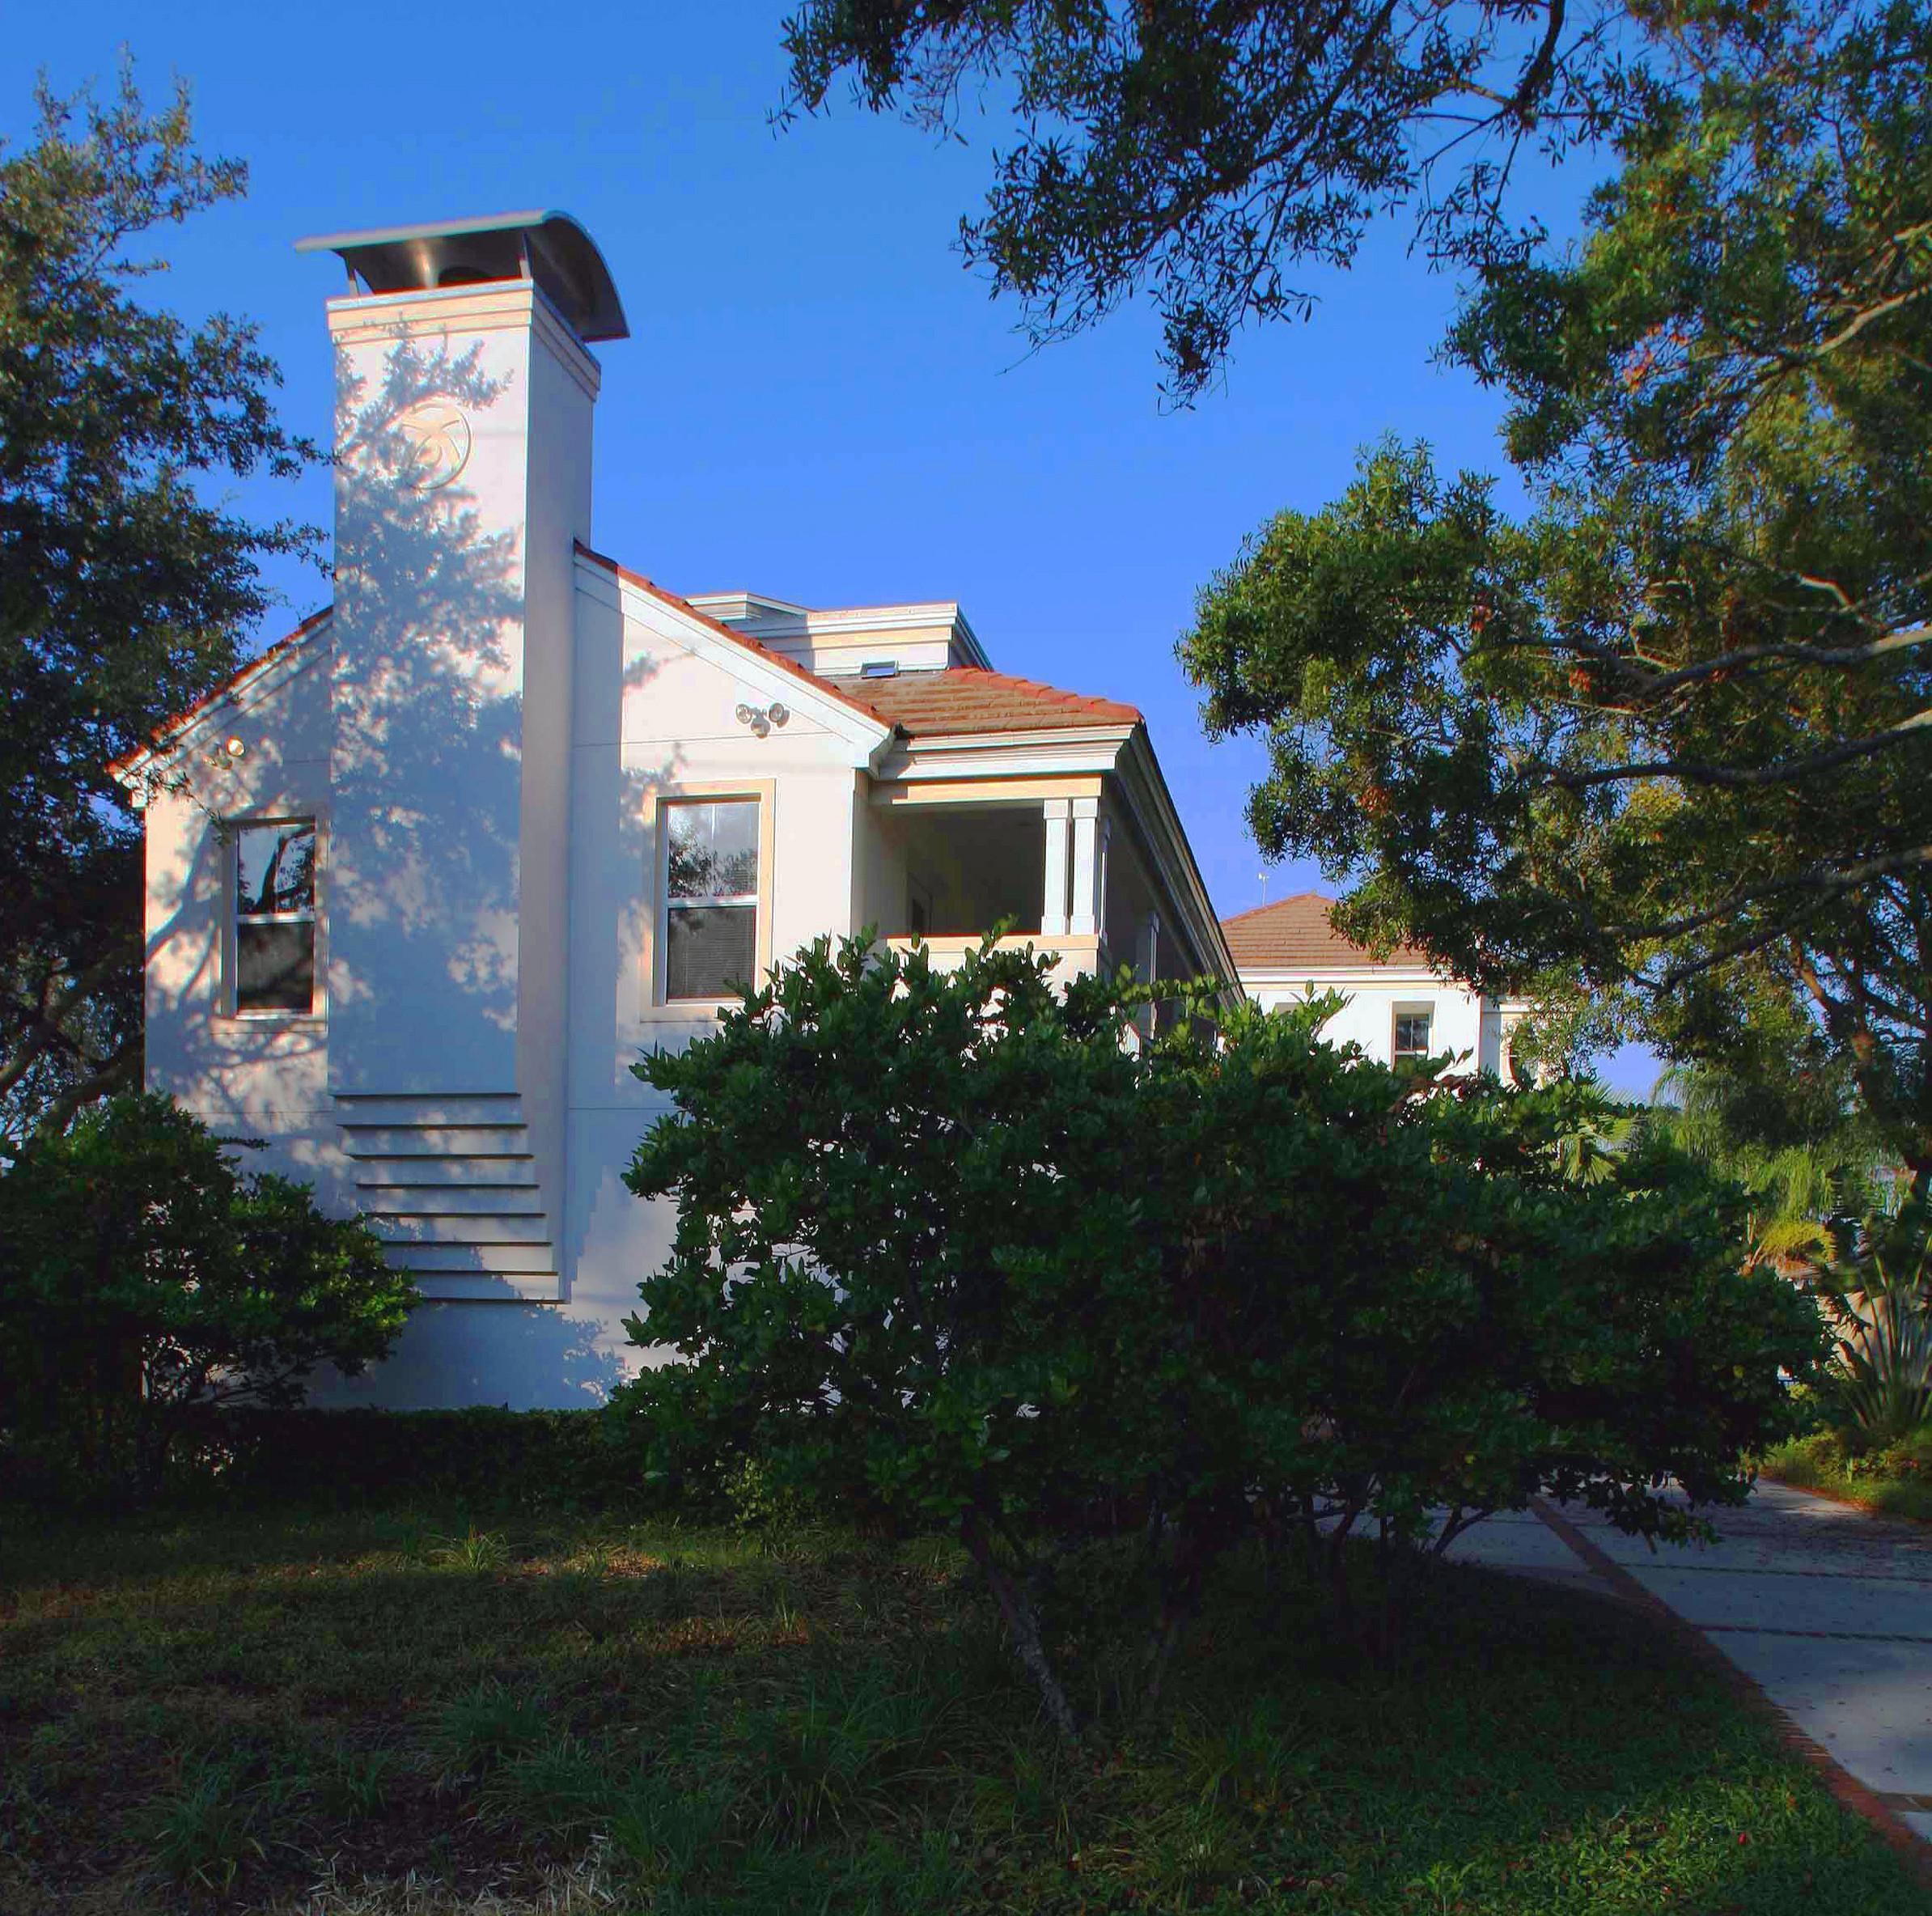 Davis Island - New Home